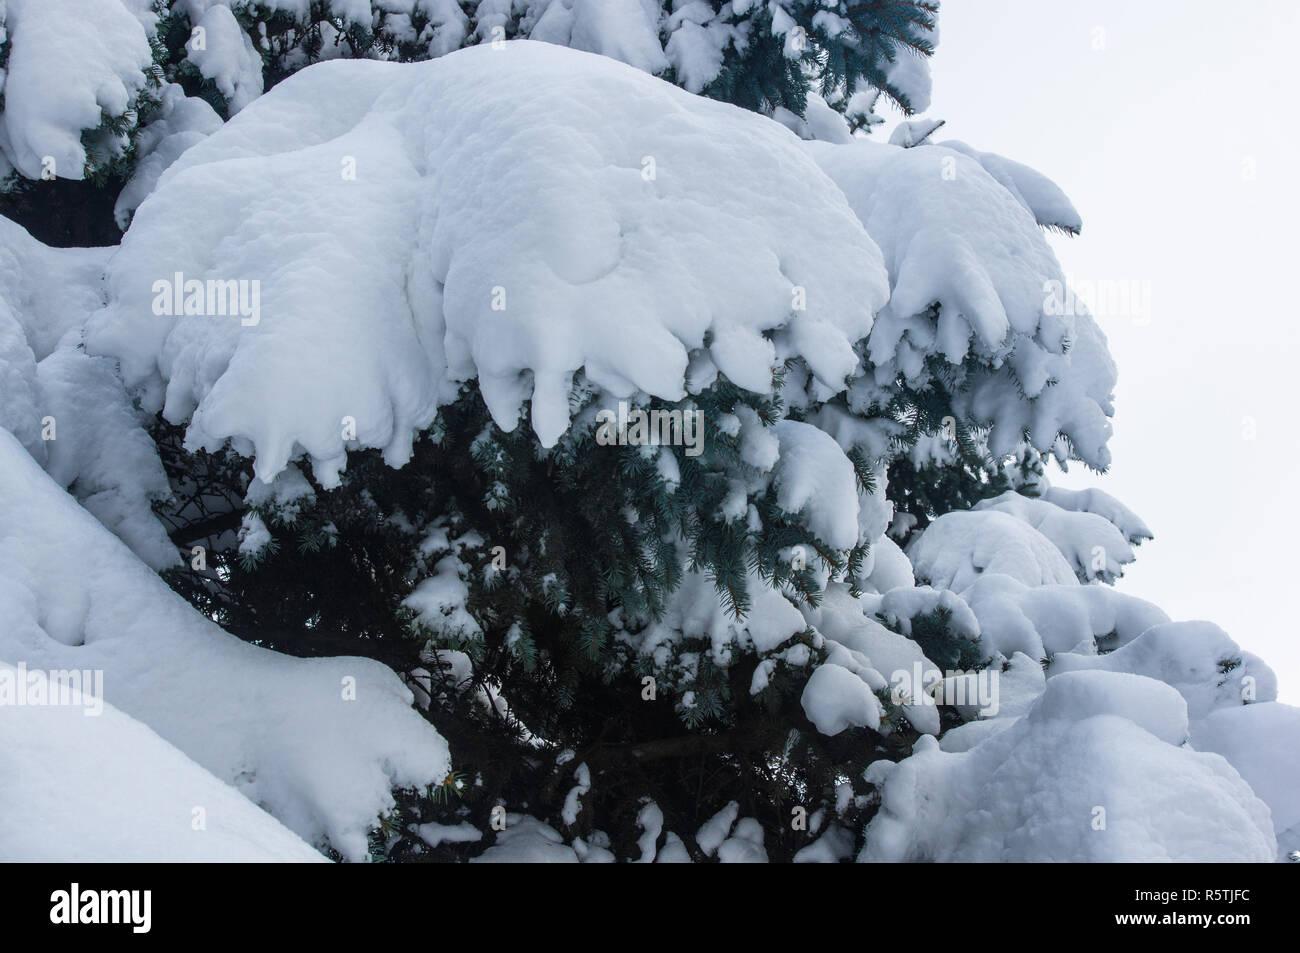 Grune Flauschige Tanne Baum Im Schnee Weihnachten Wallpaper Konzept